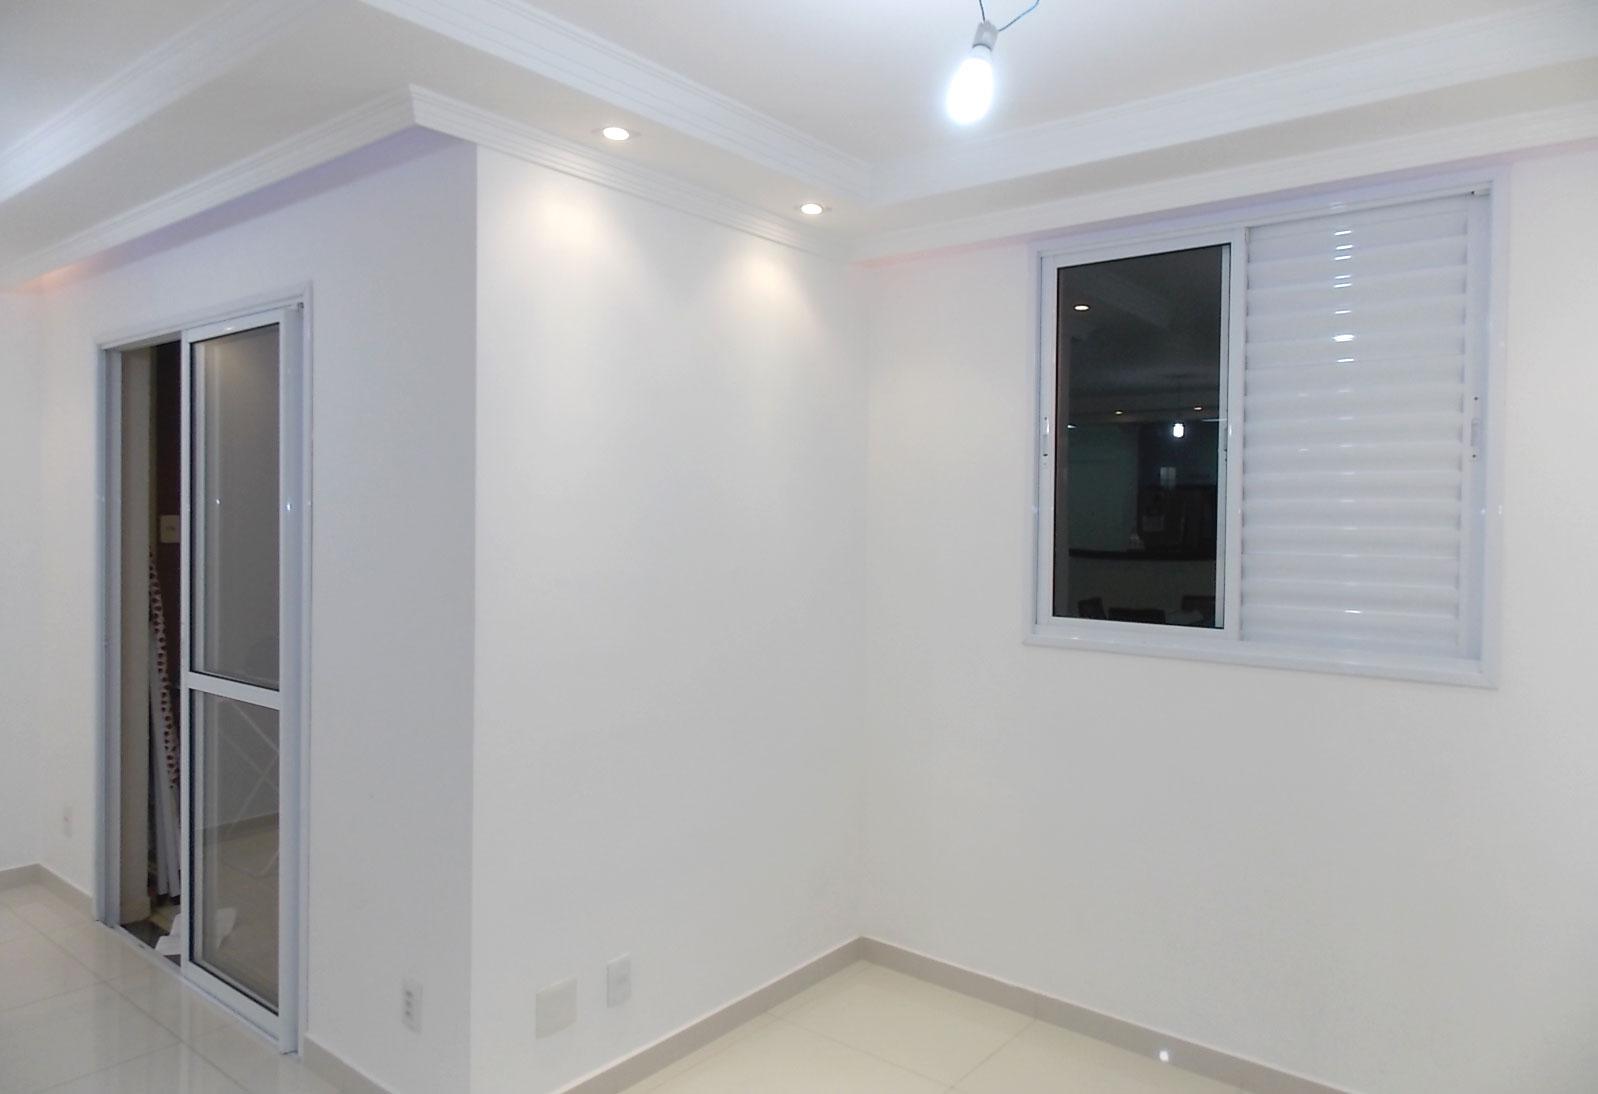 Sacomã, Apartamento Padrão-Sala ampliada com piso de porcelanato, teto com sanca de gesso e iluminação embutida e acesso à sacada (3º dormitório com piso de porcelanato, transformado em sala ampliada).